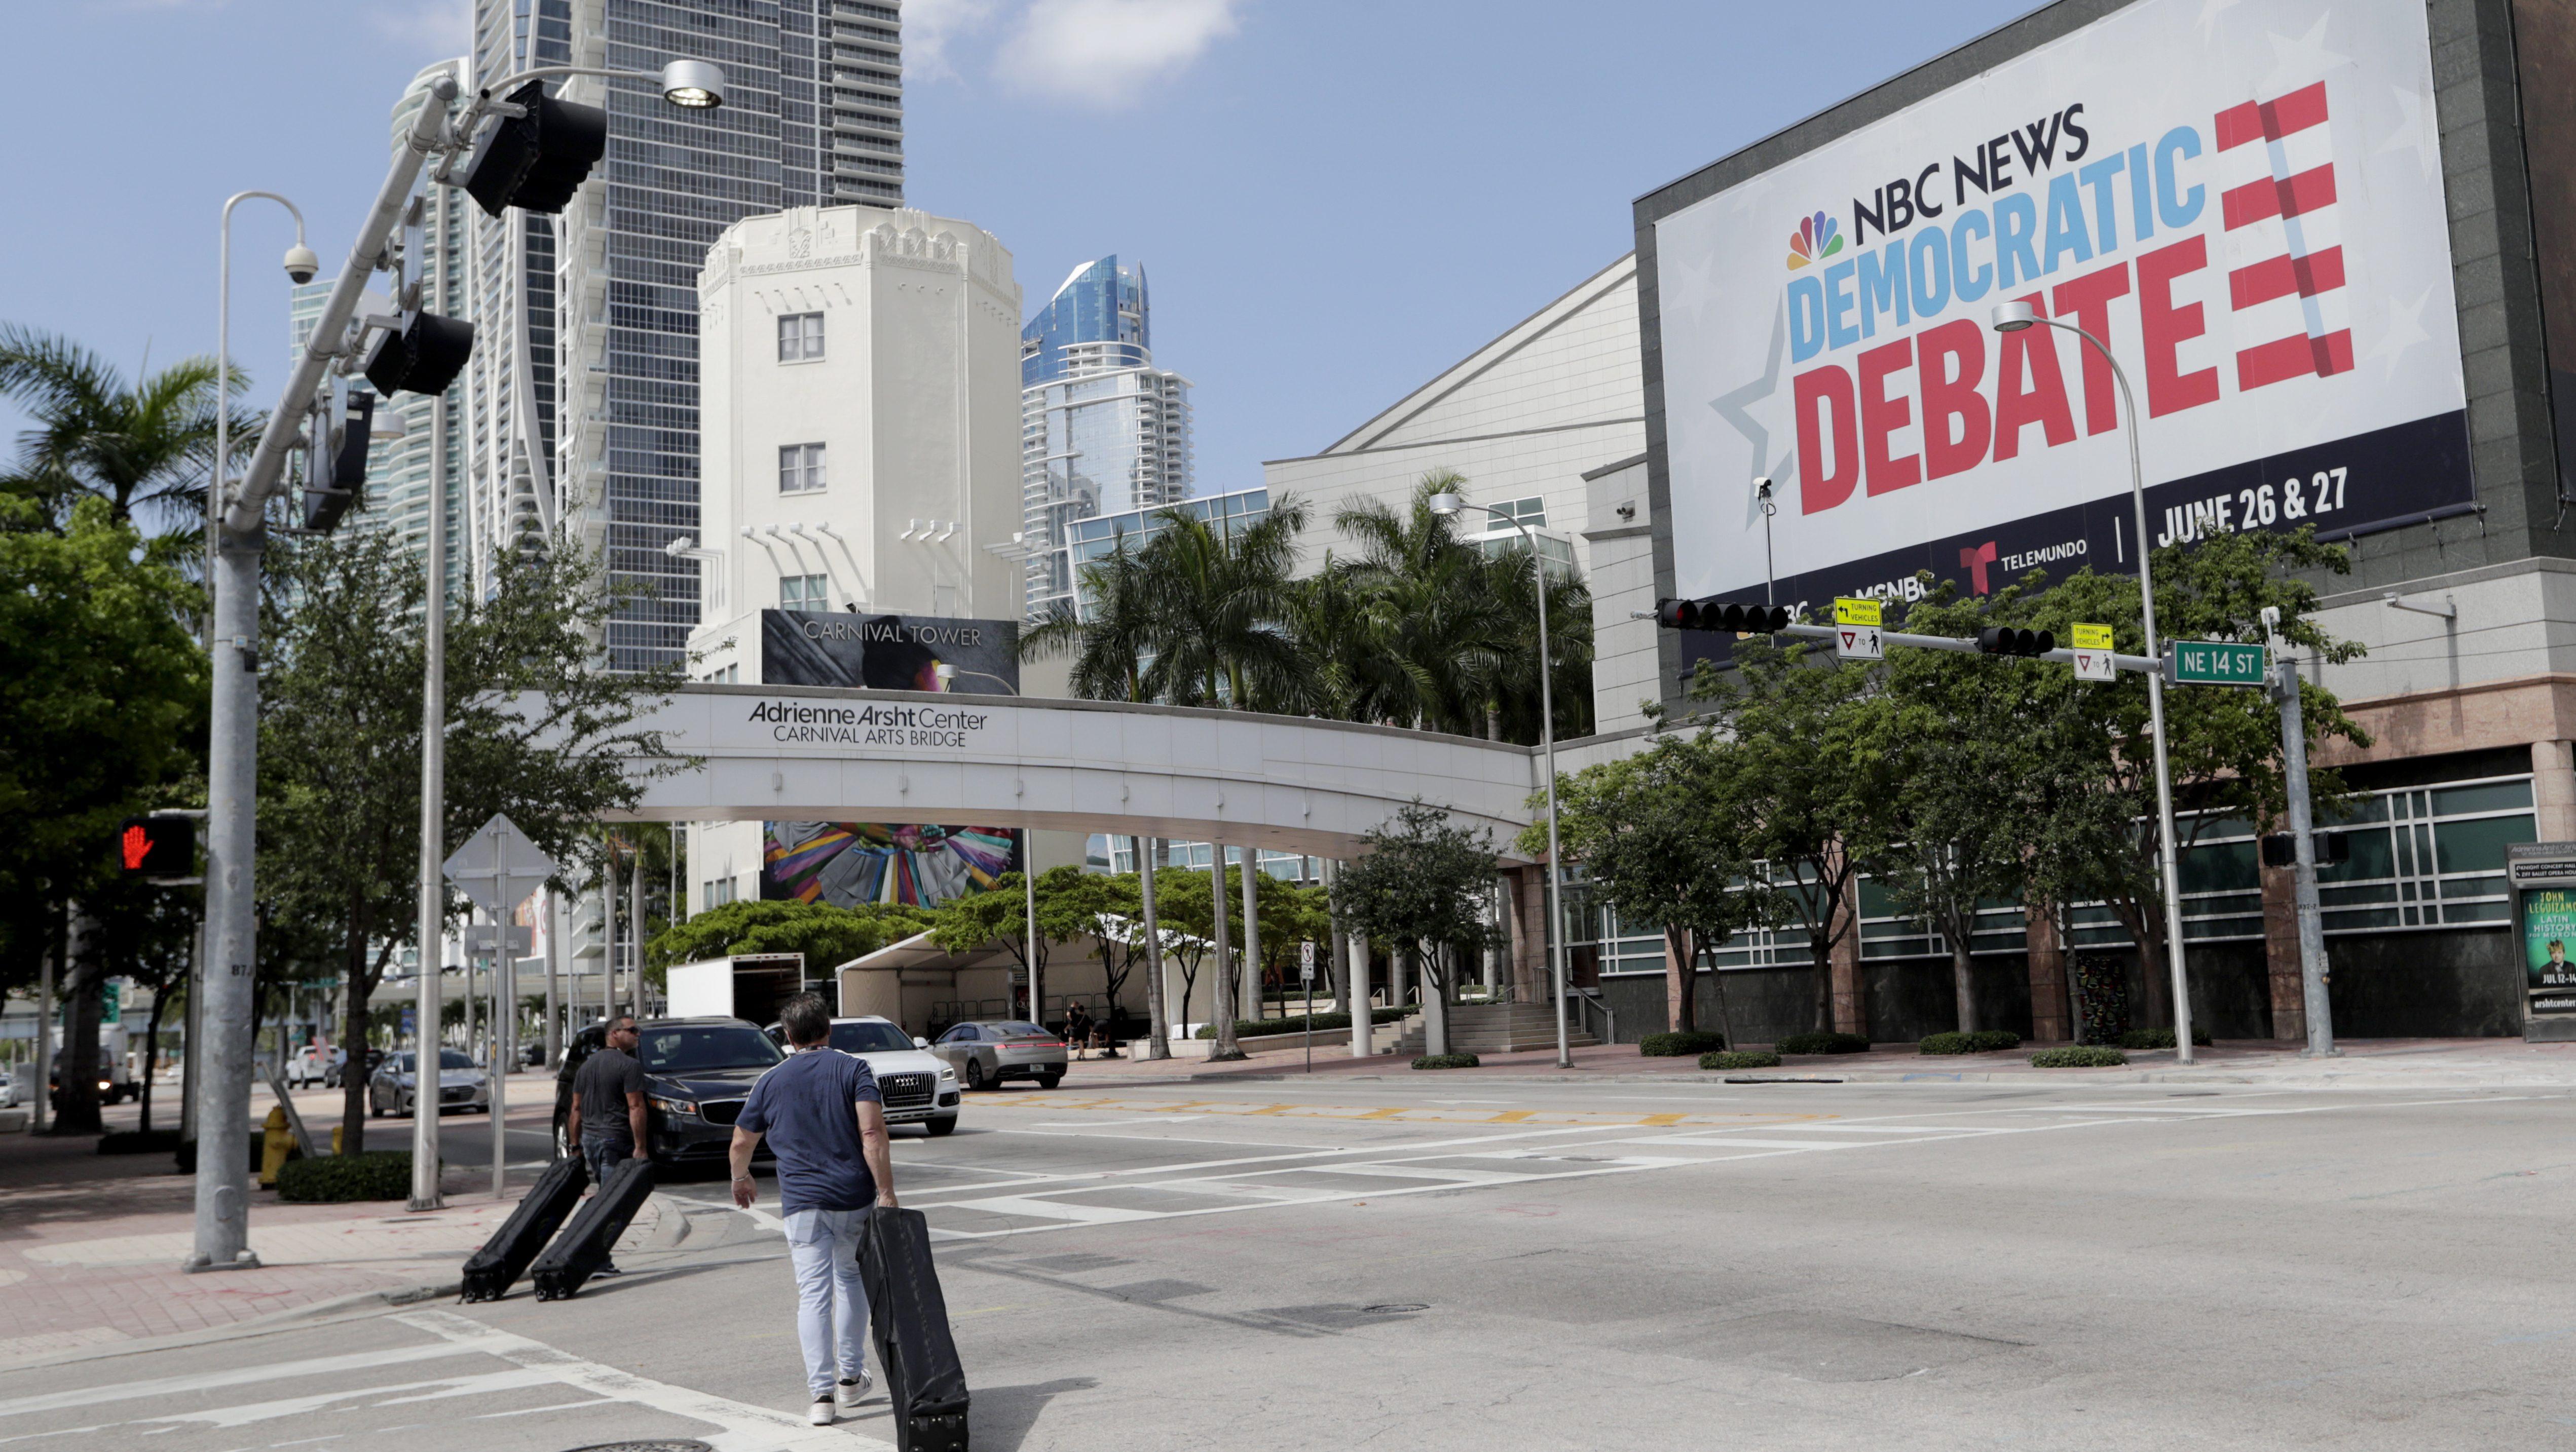 Democratic-debate-location